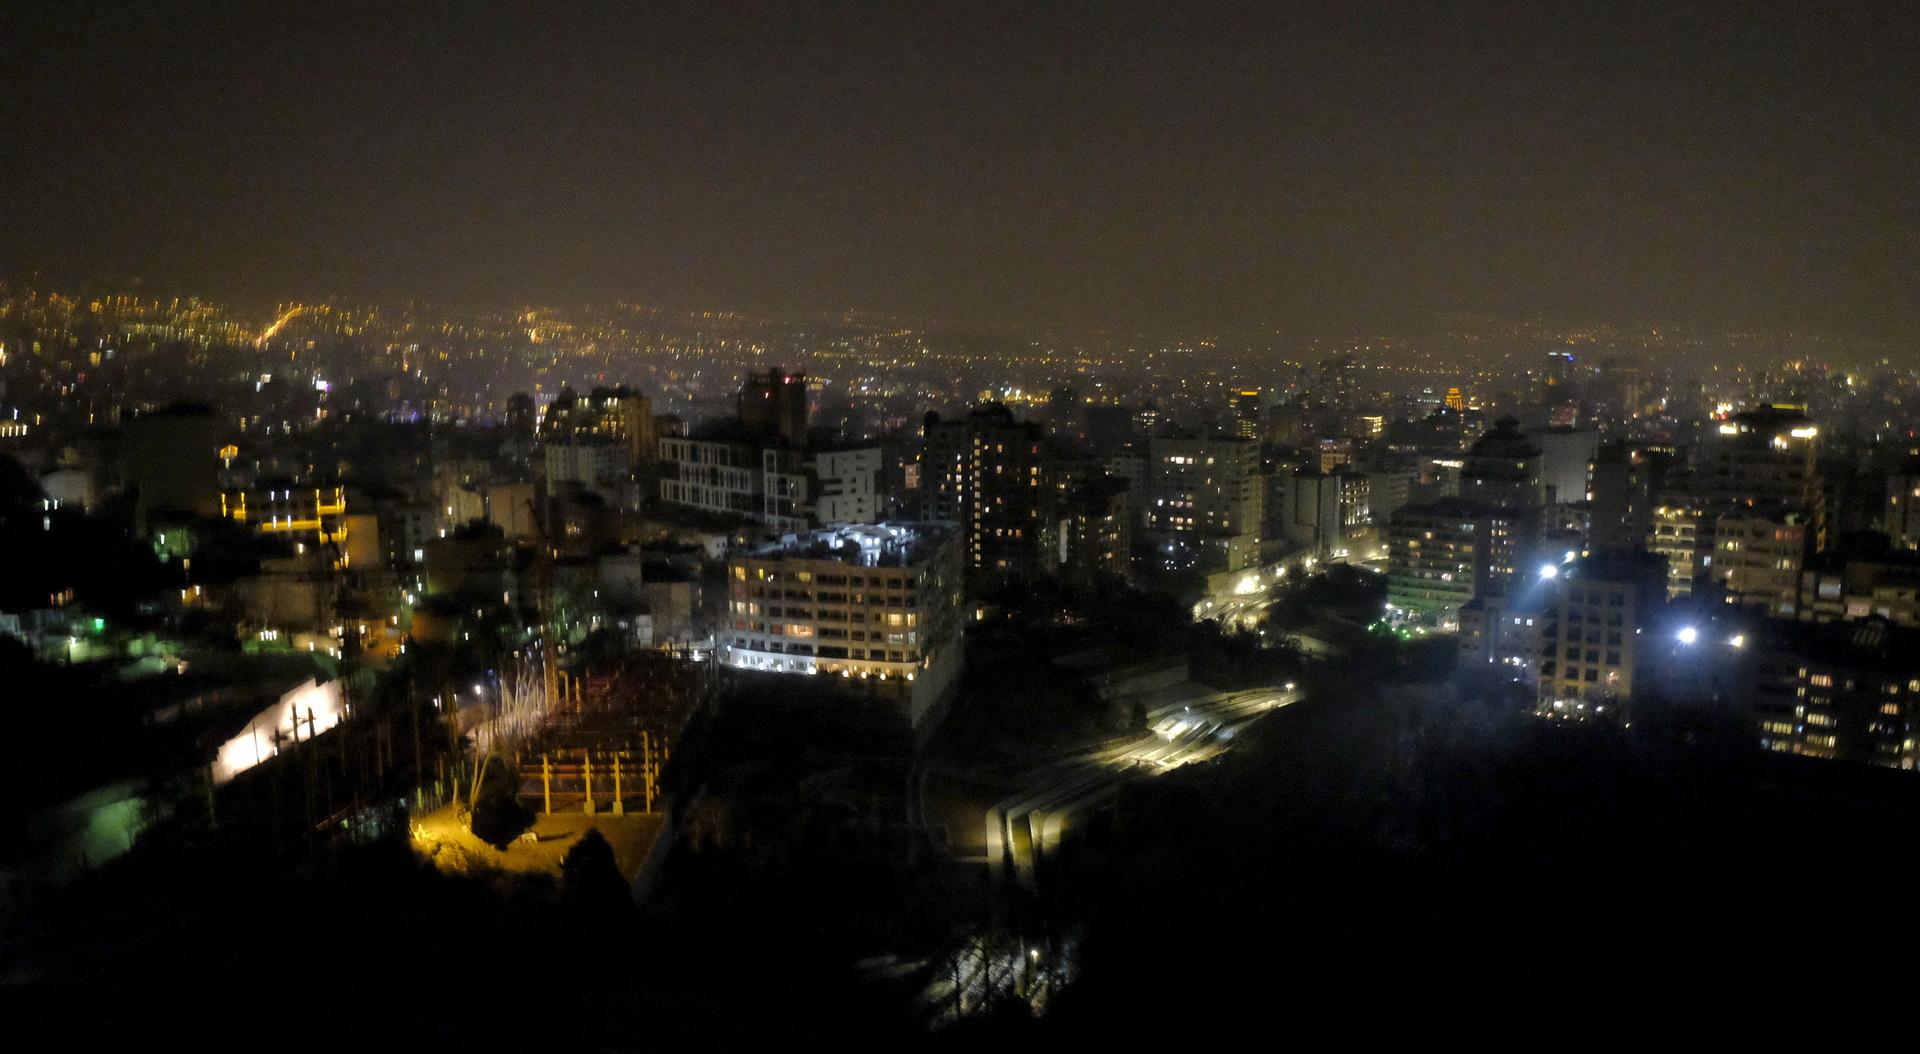 تقارير: حظر الإنترنت في جنوب شرقي إيران على خلفية اضطرابات اجتماعية